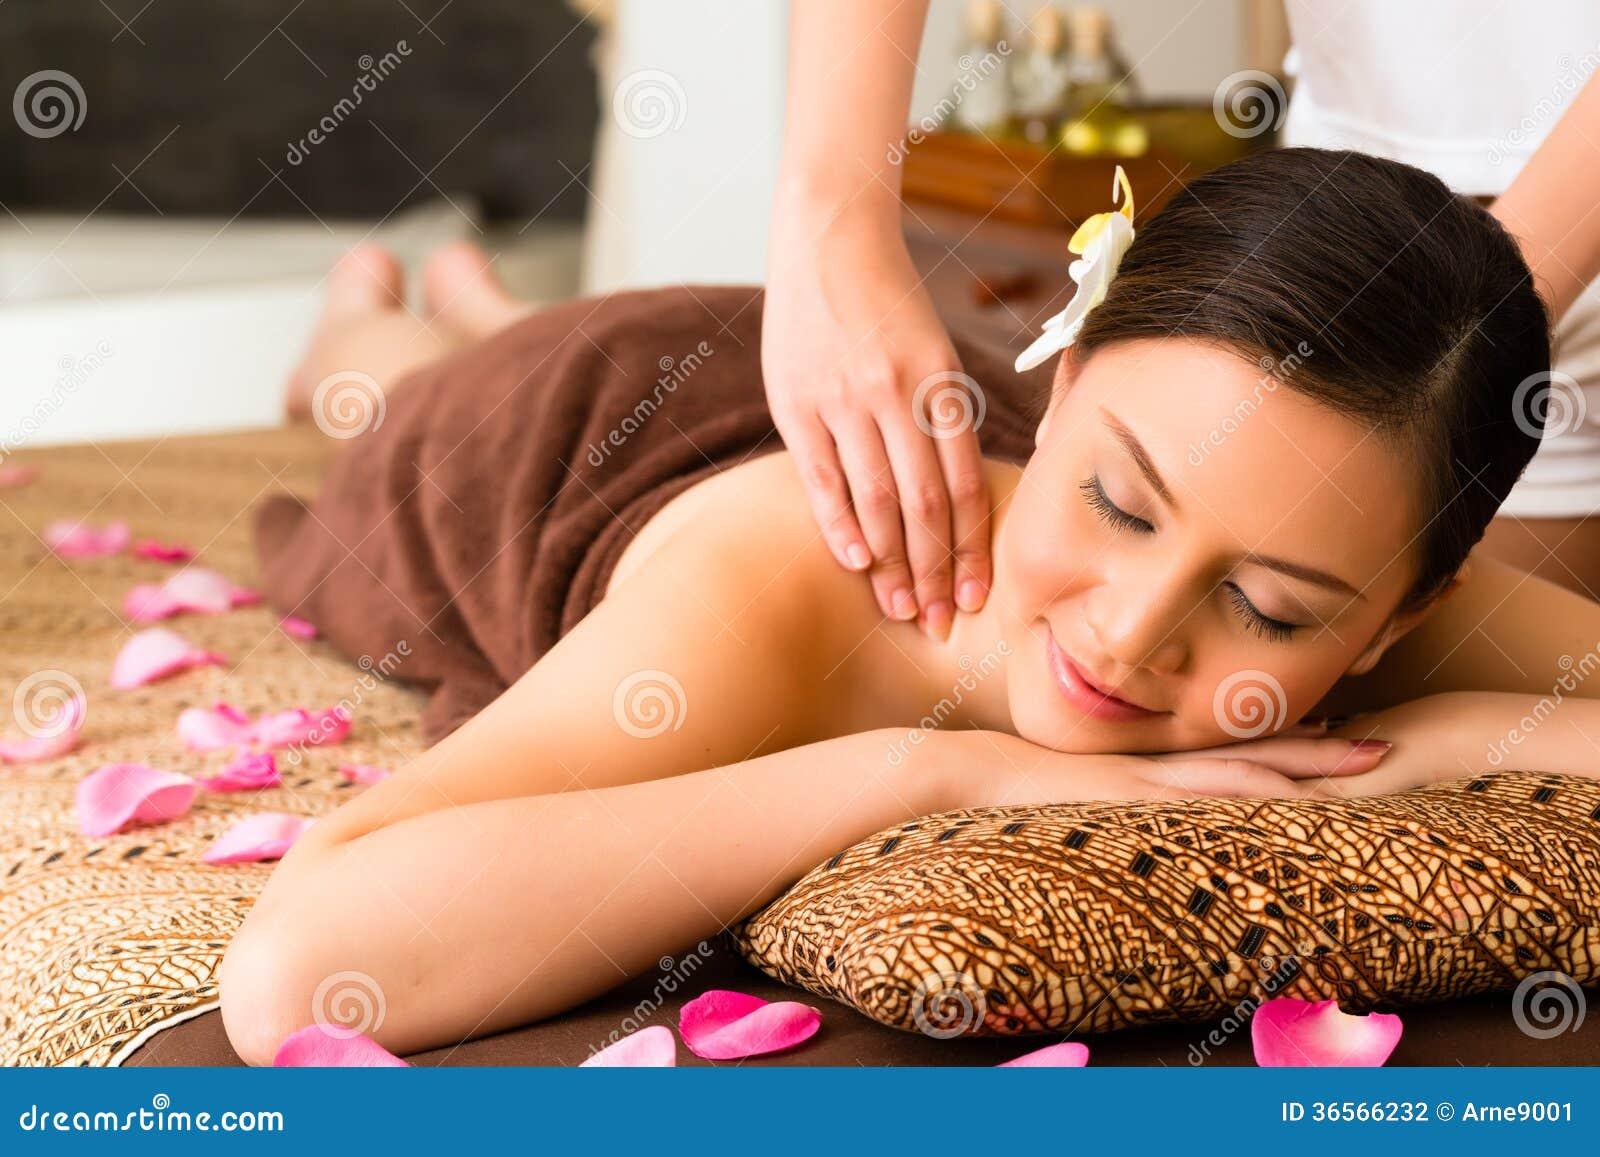 Chinese Vrouw bij wellnessmassage met etherische oliën